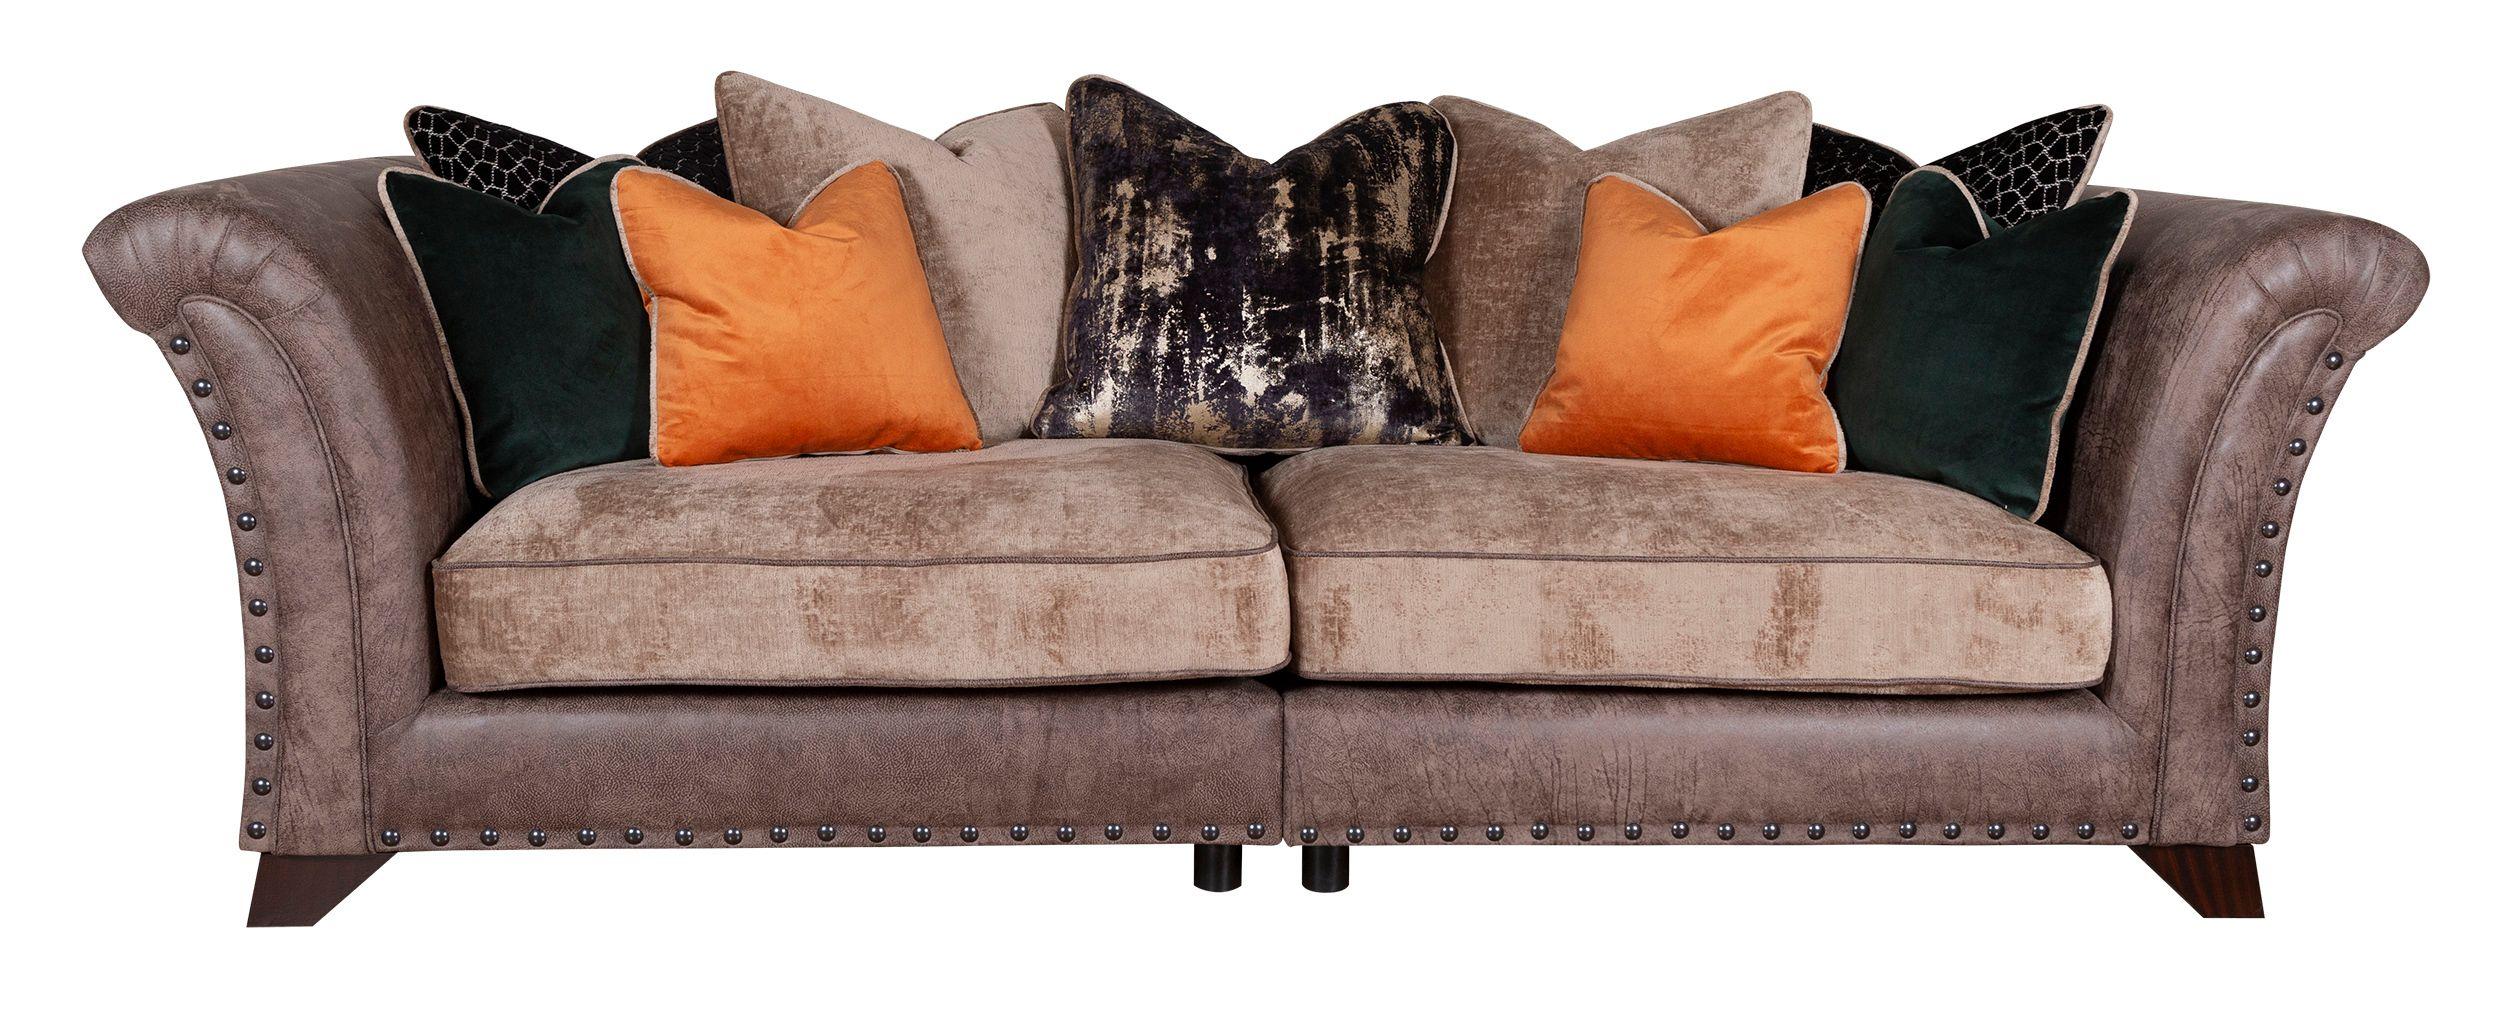 WESTMINSTER Pillow Back 4 Seater Modular Sofa